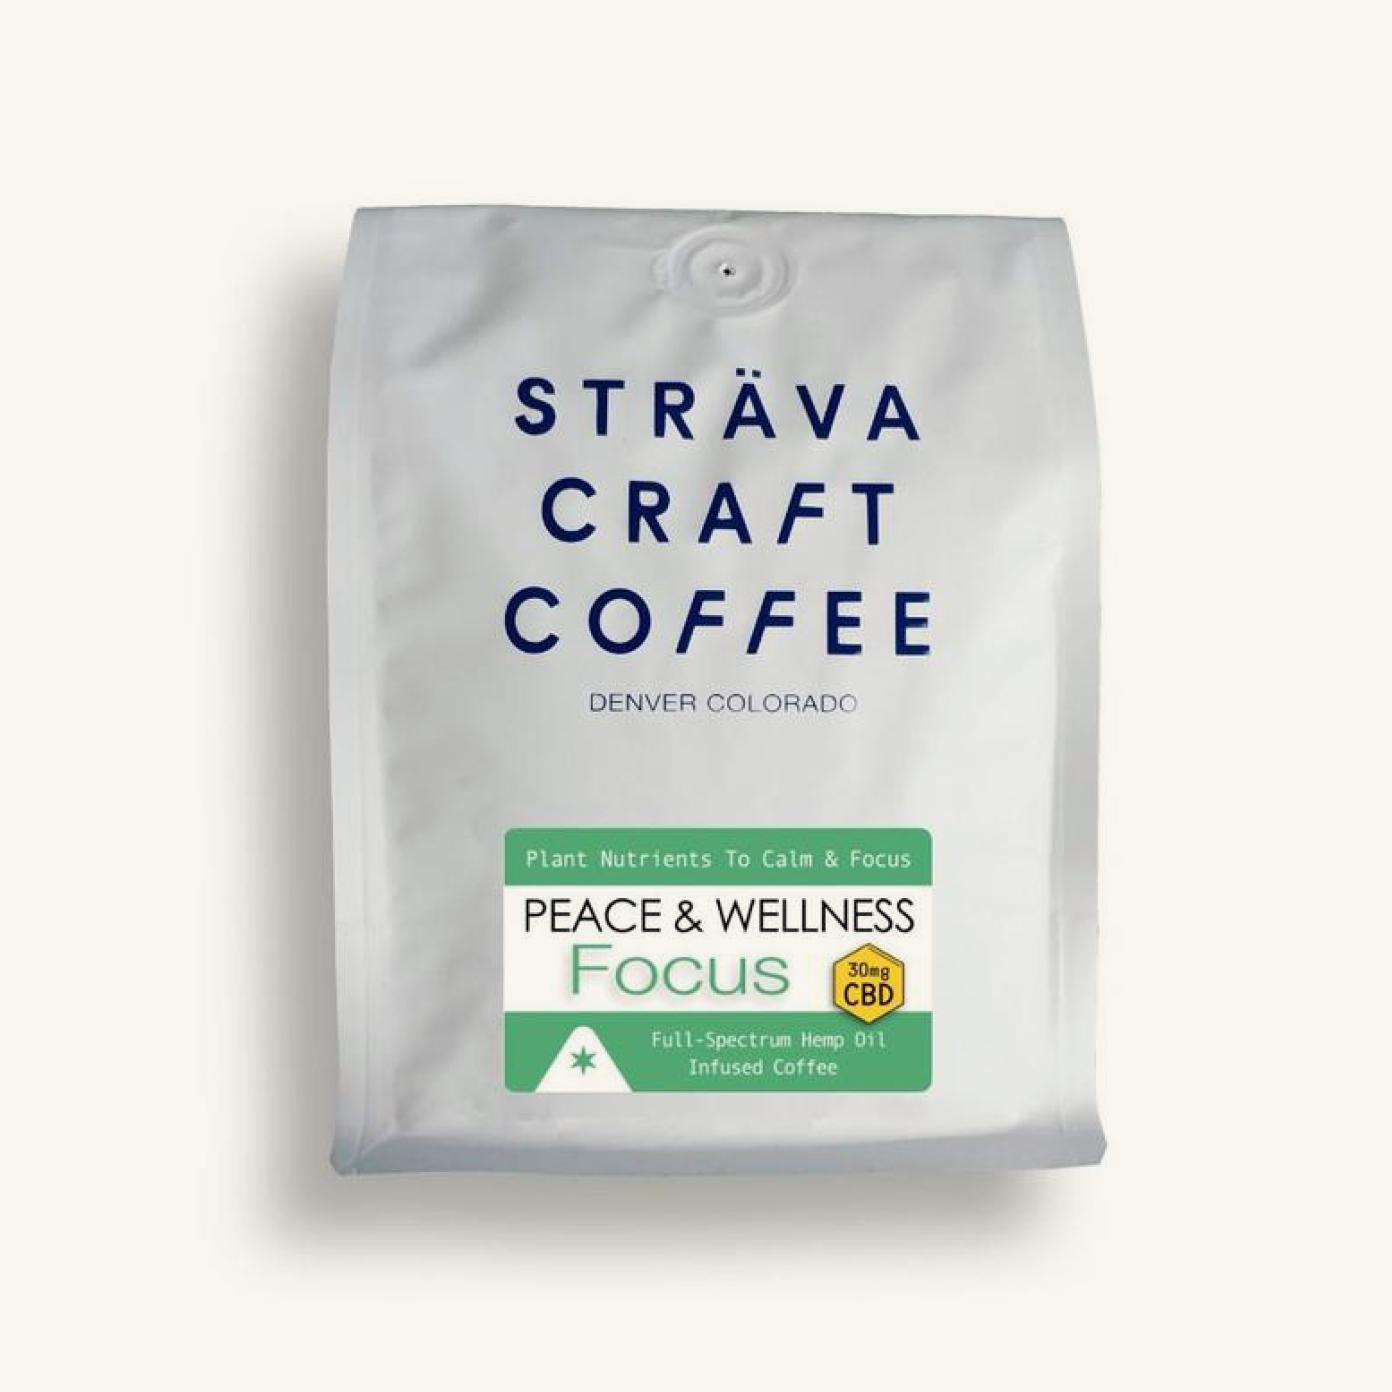 Strava Focus Hemp Oil Infused Coffee